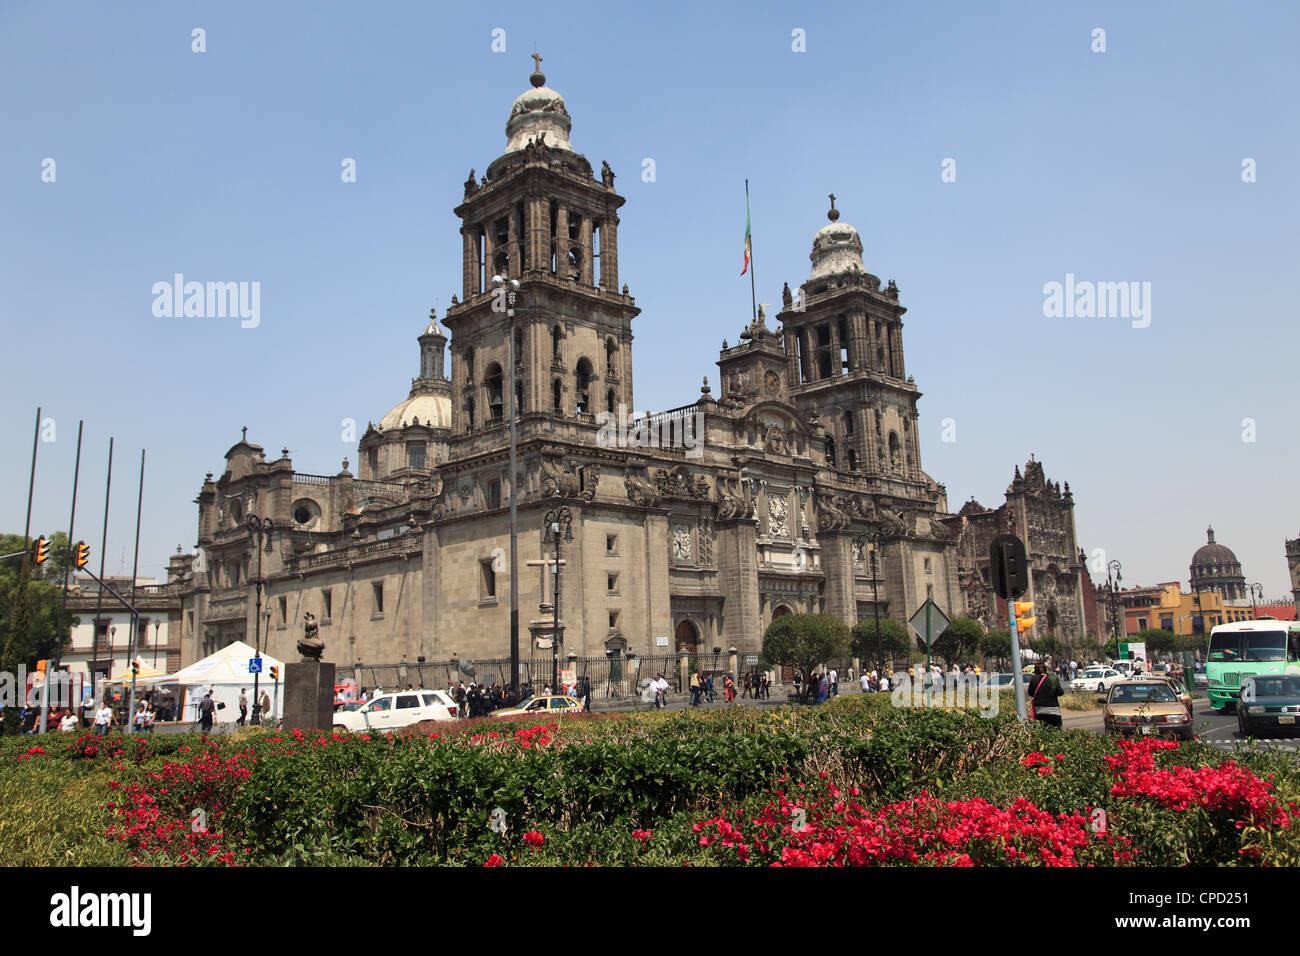 Cathédrale métropolitaine, la plus grande église en Amérique latine, Zocalo, Plaza de la Constitucion, Photo Stock